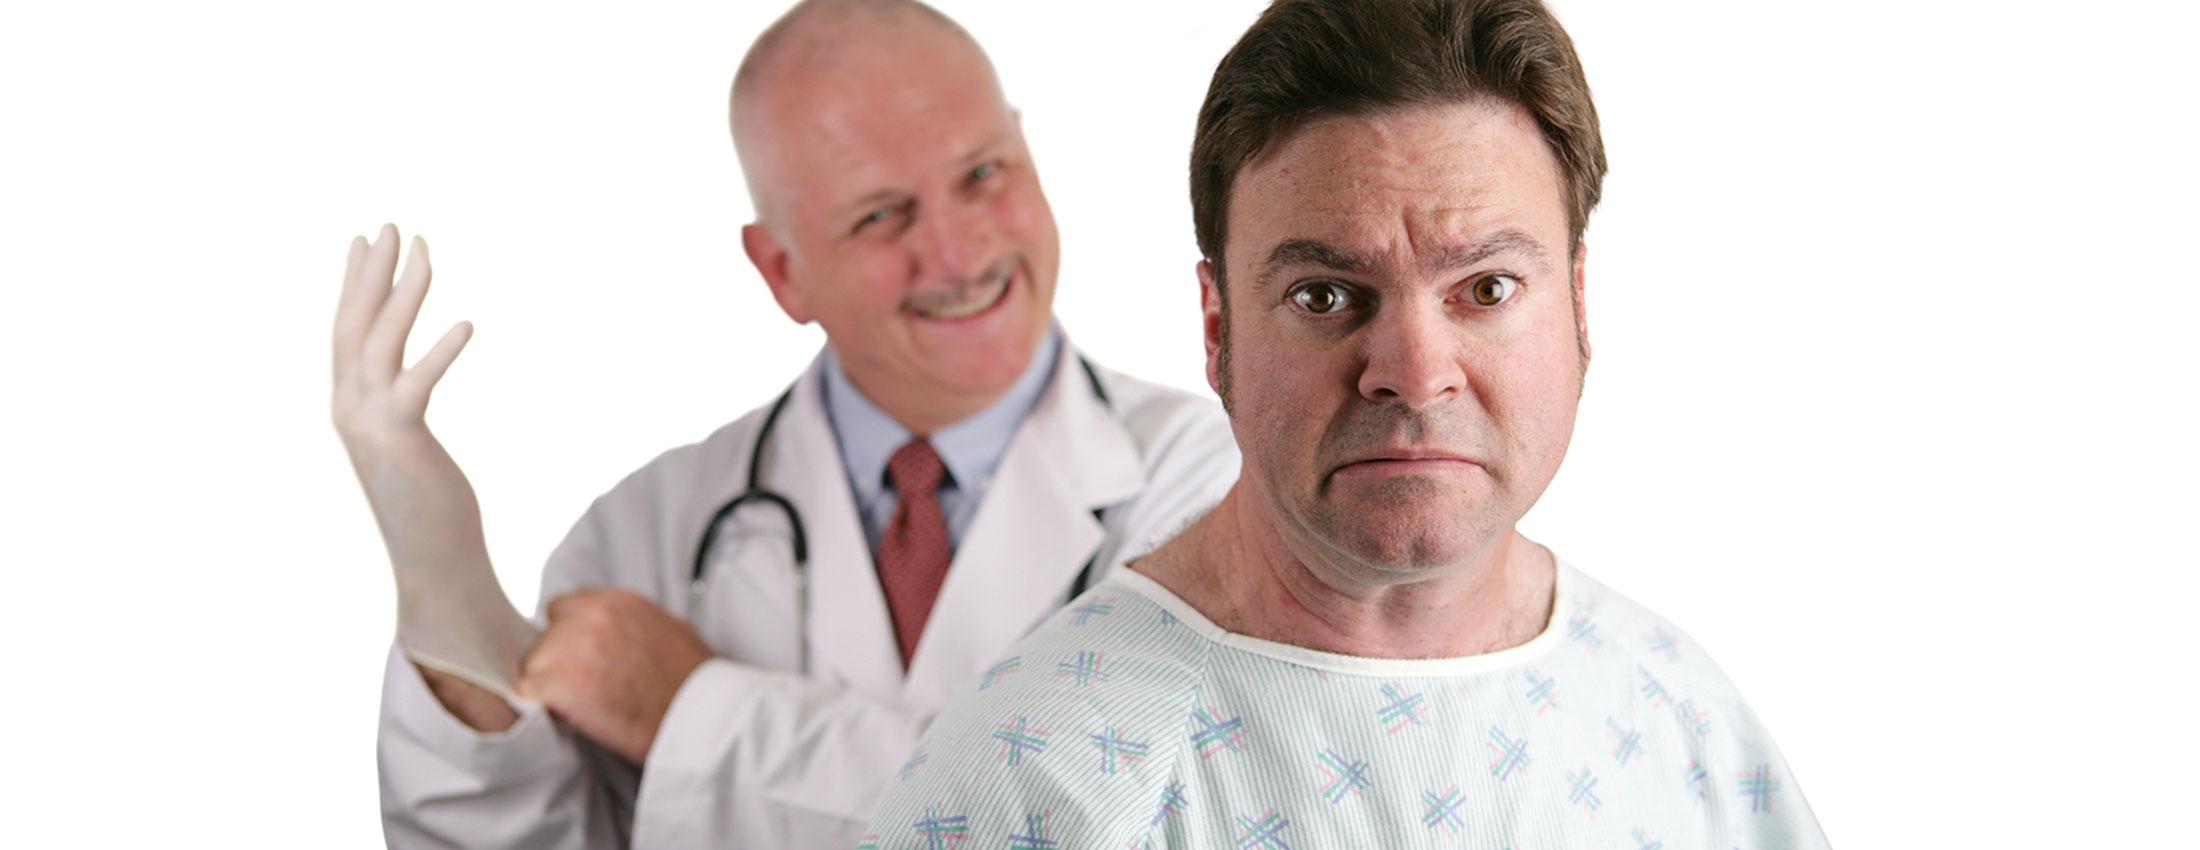 Что такое гипертрофия простаты лечение